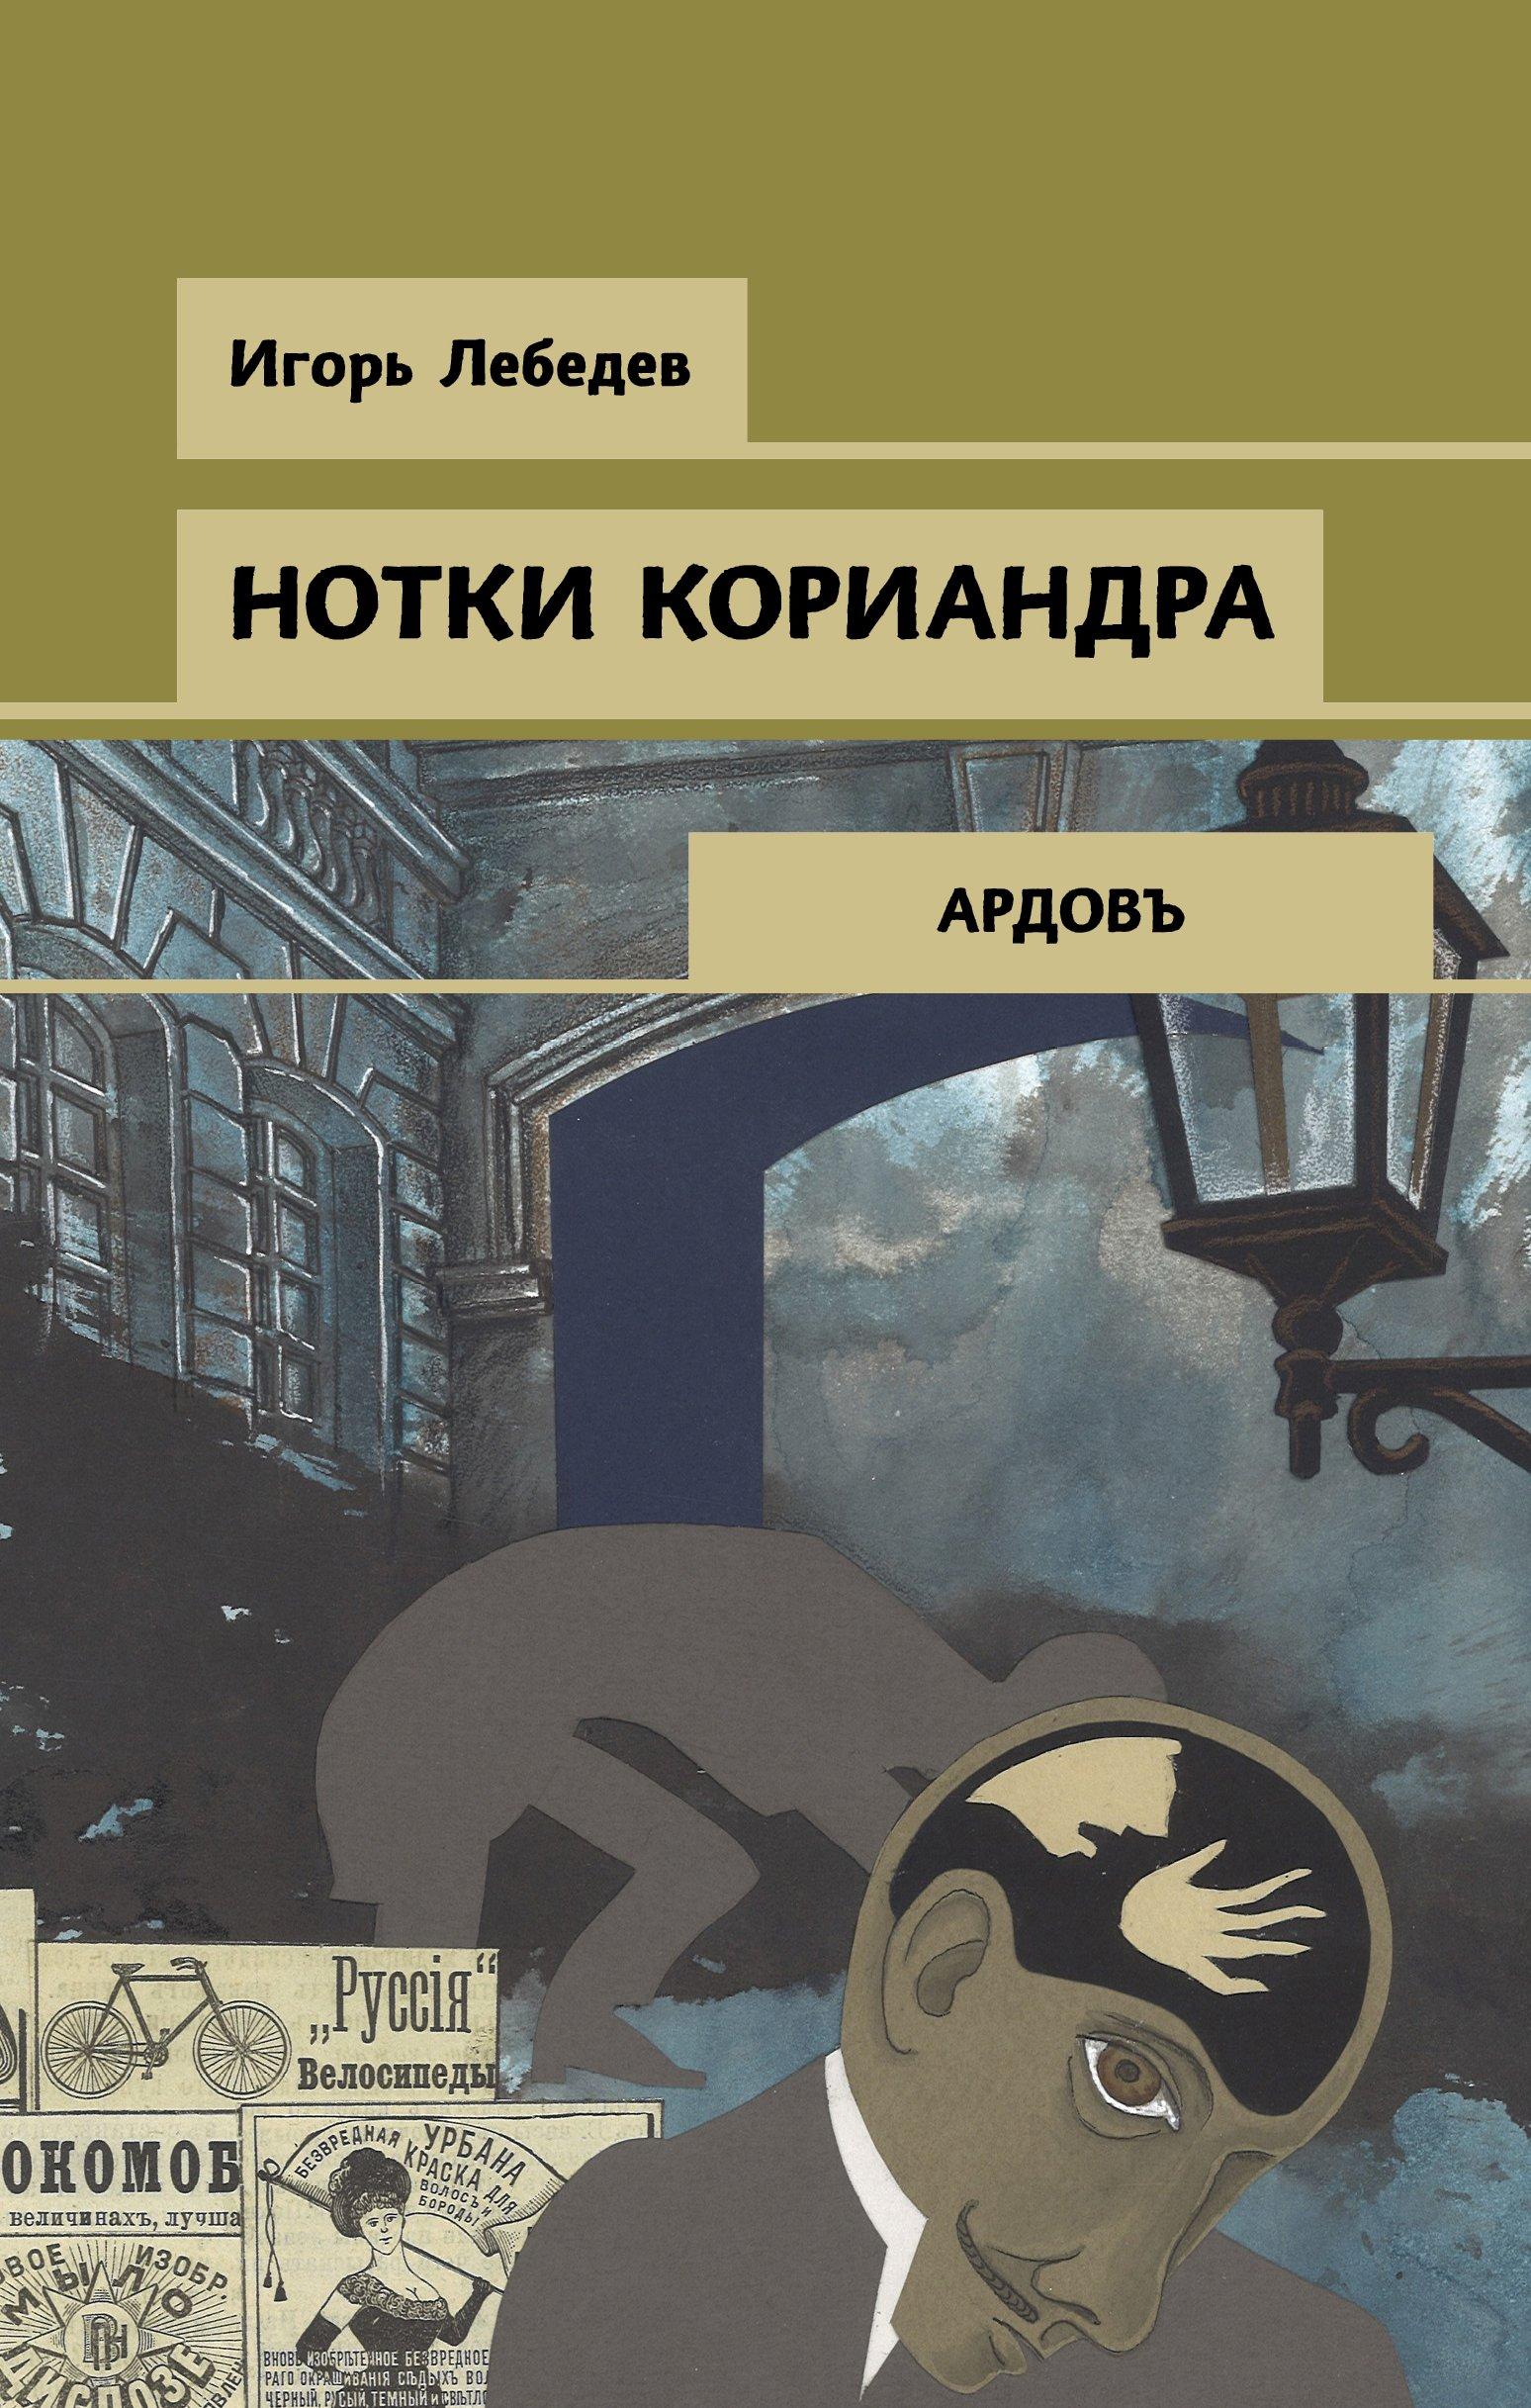 Купить книгу Нотки кориандра, автора Игоря Лебедева